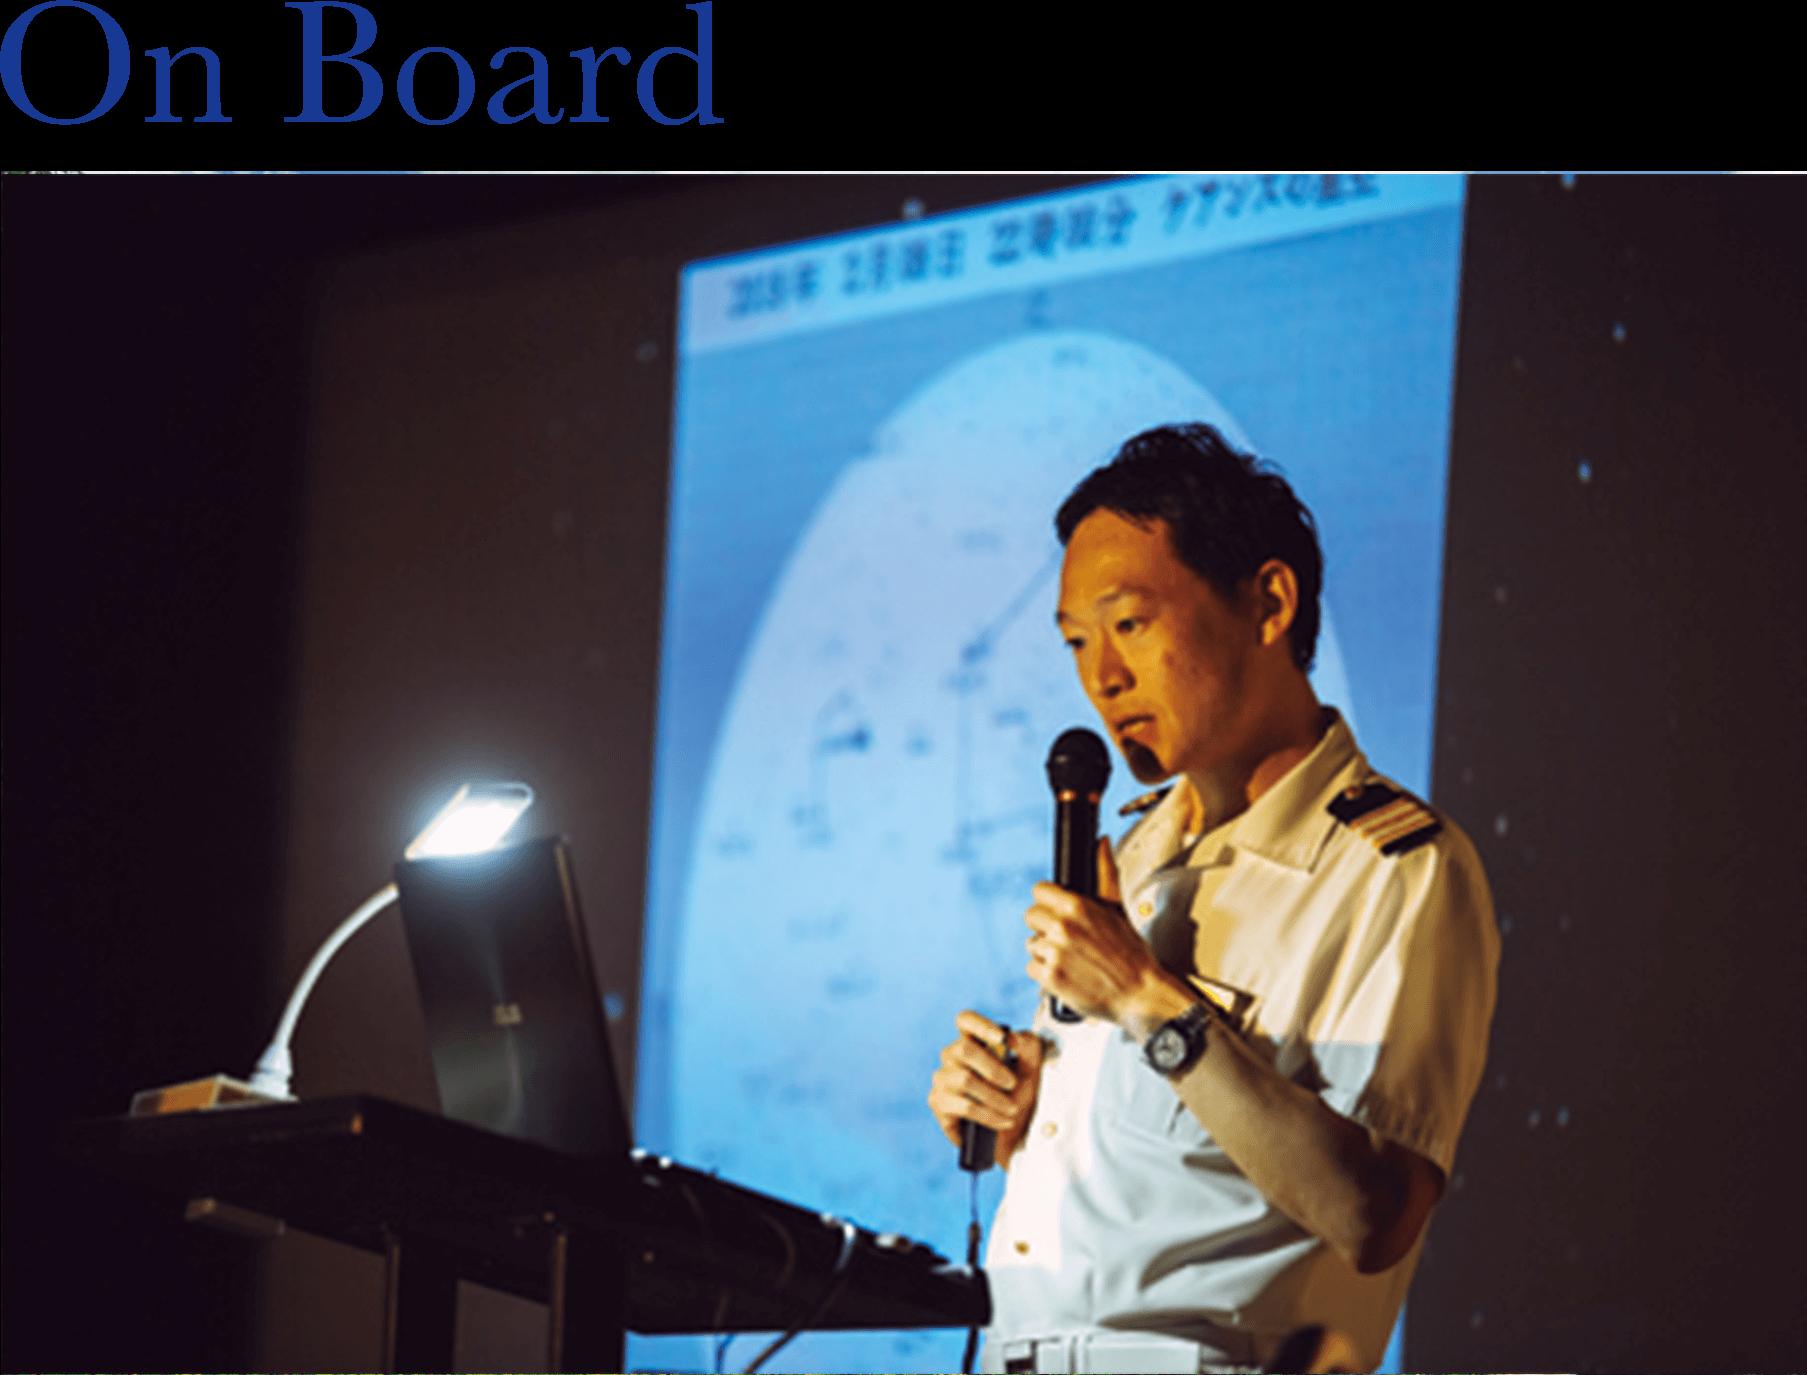 2022年 オセアニアグランドクルーズ On Board 星空観測会 詳細情報